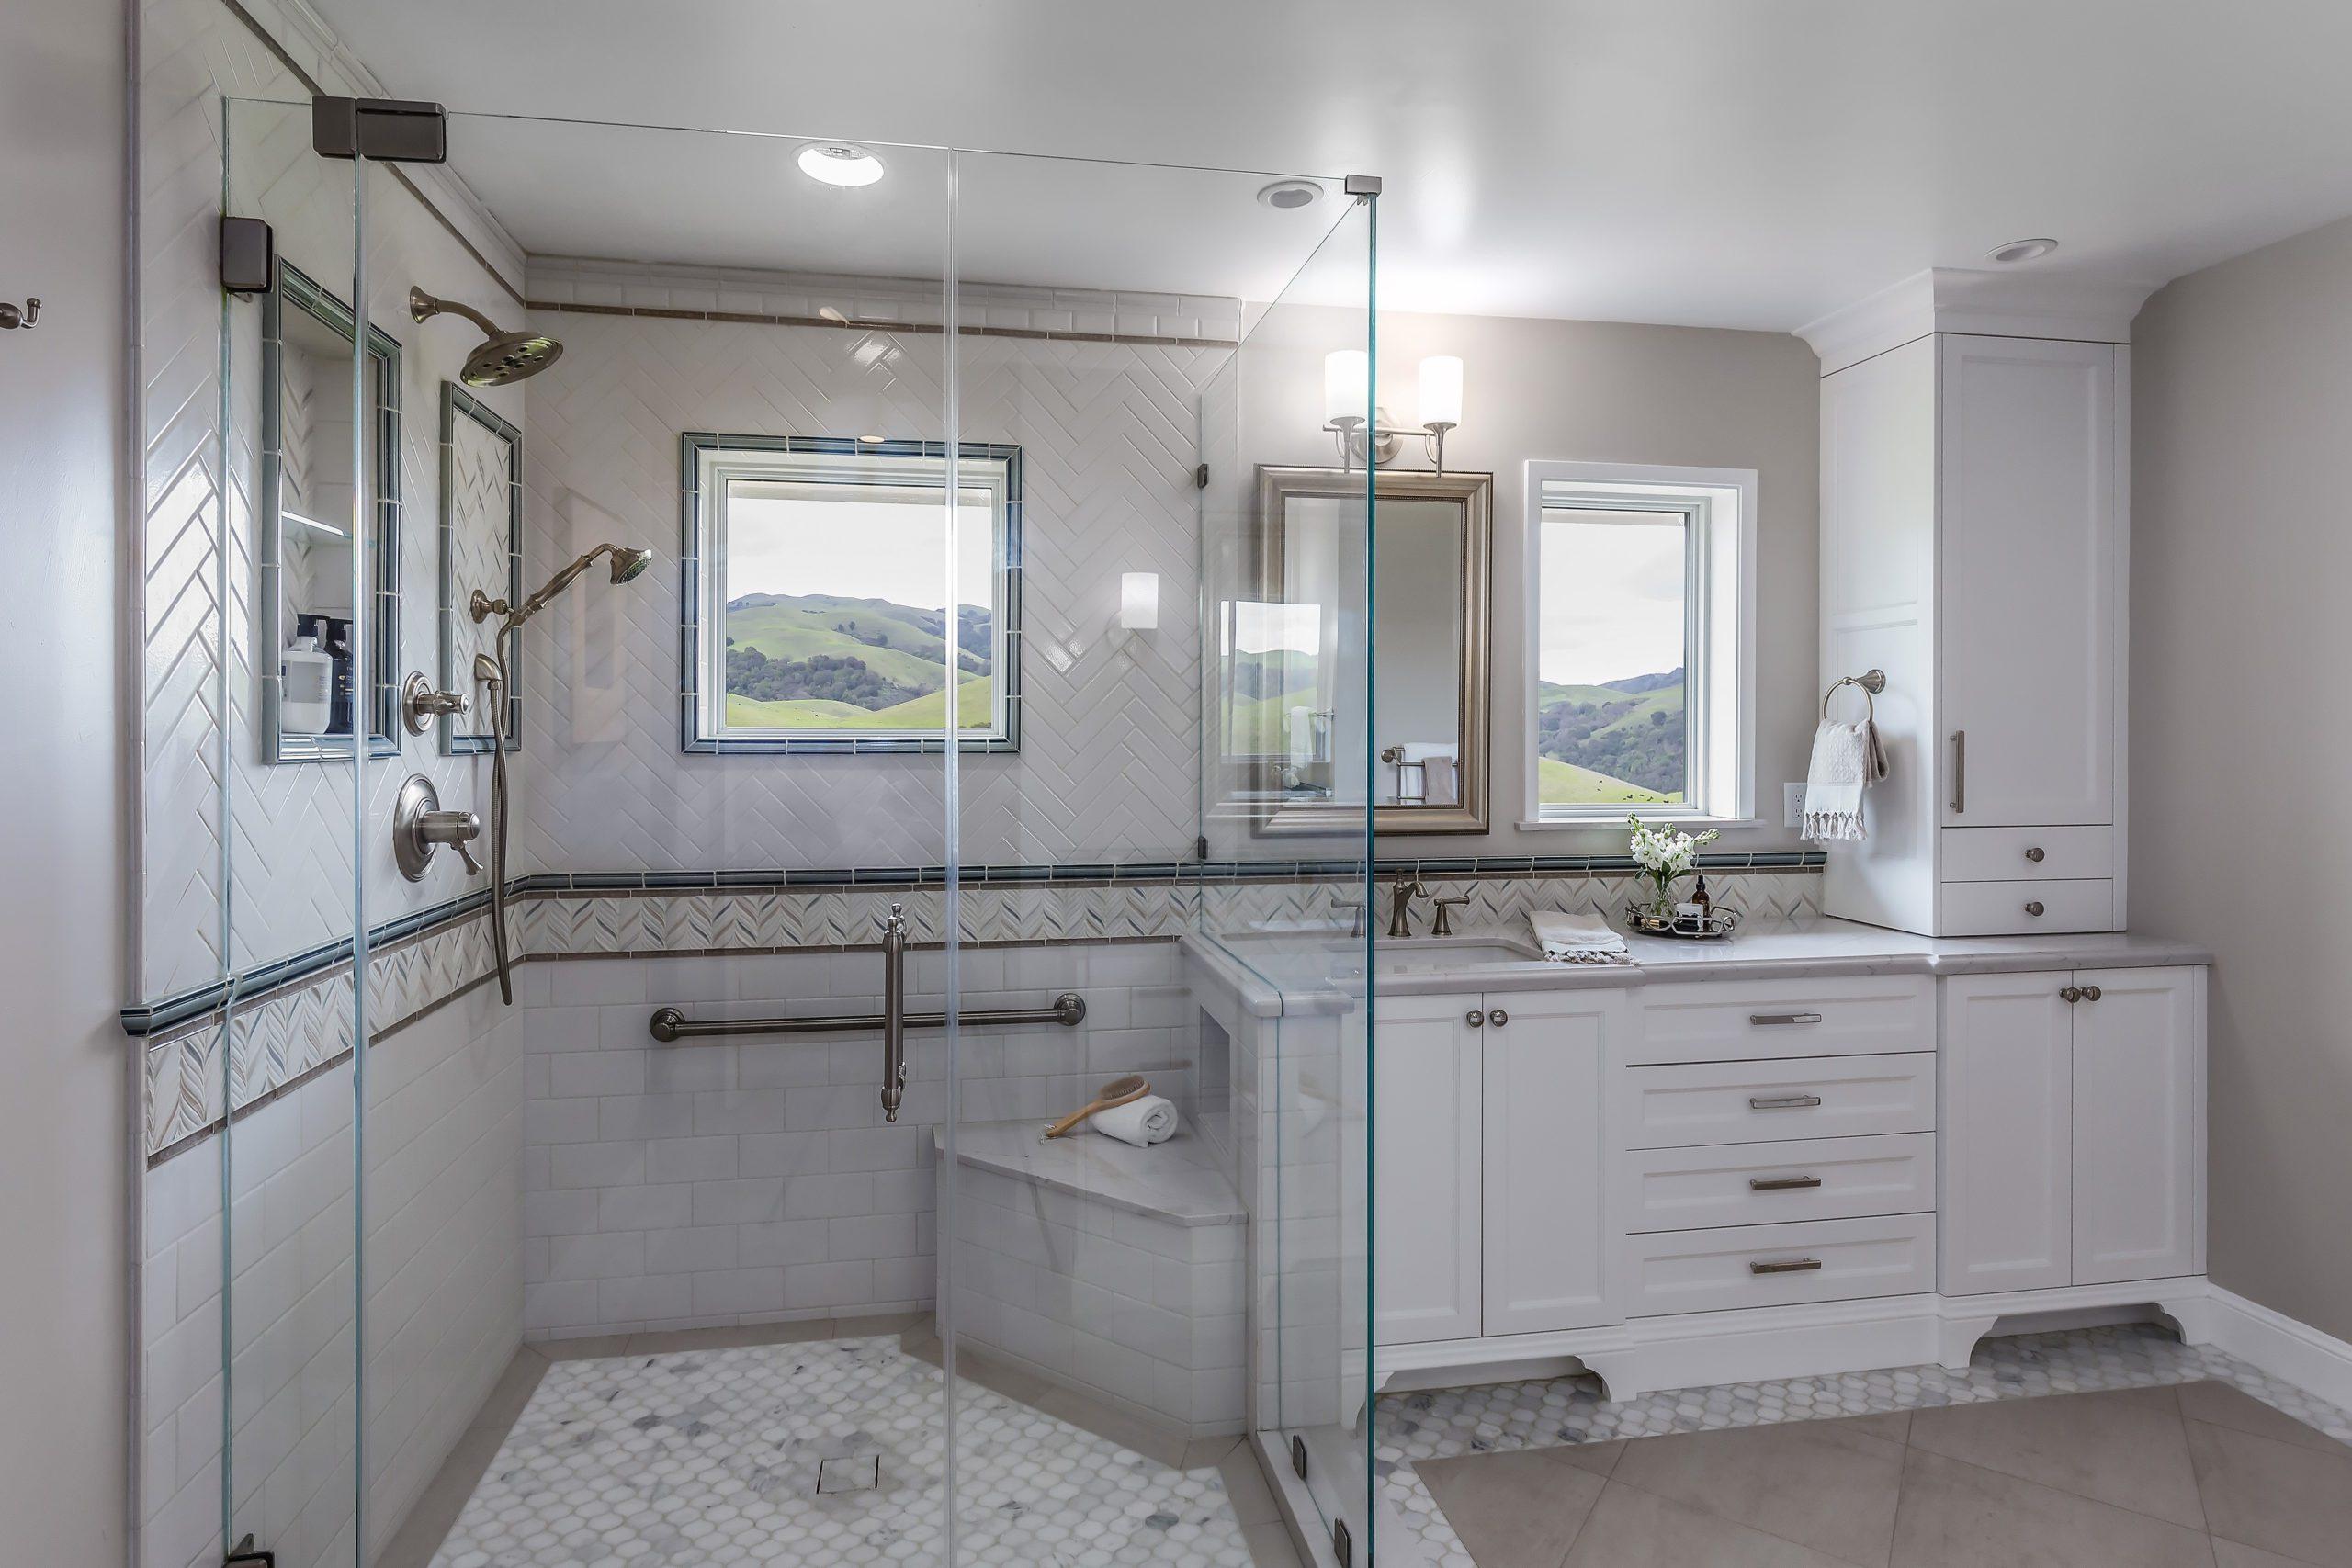 Bathroom Remodel Next Stage Design